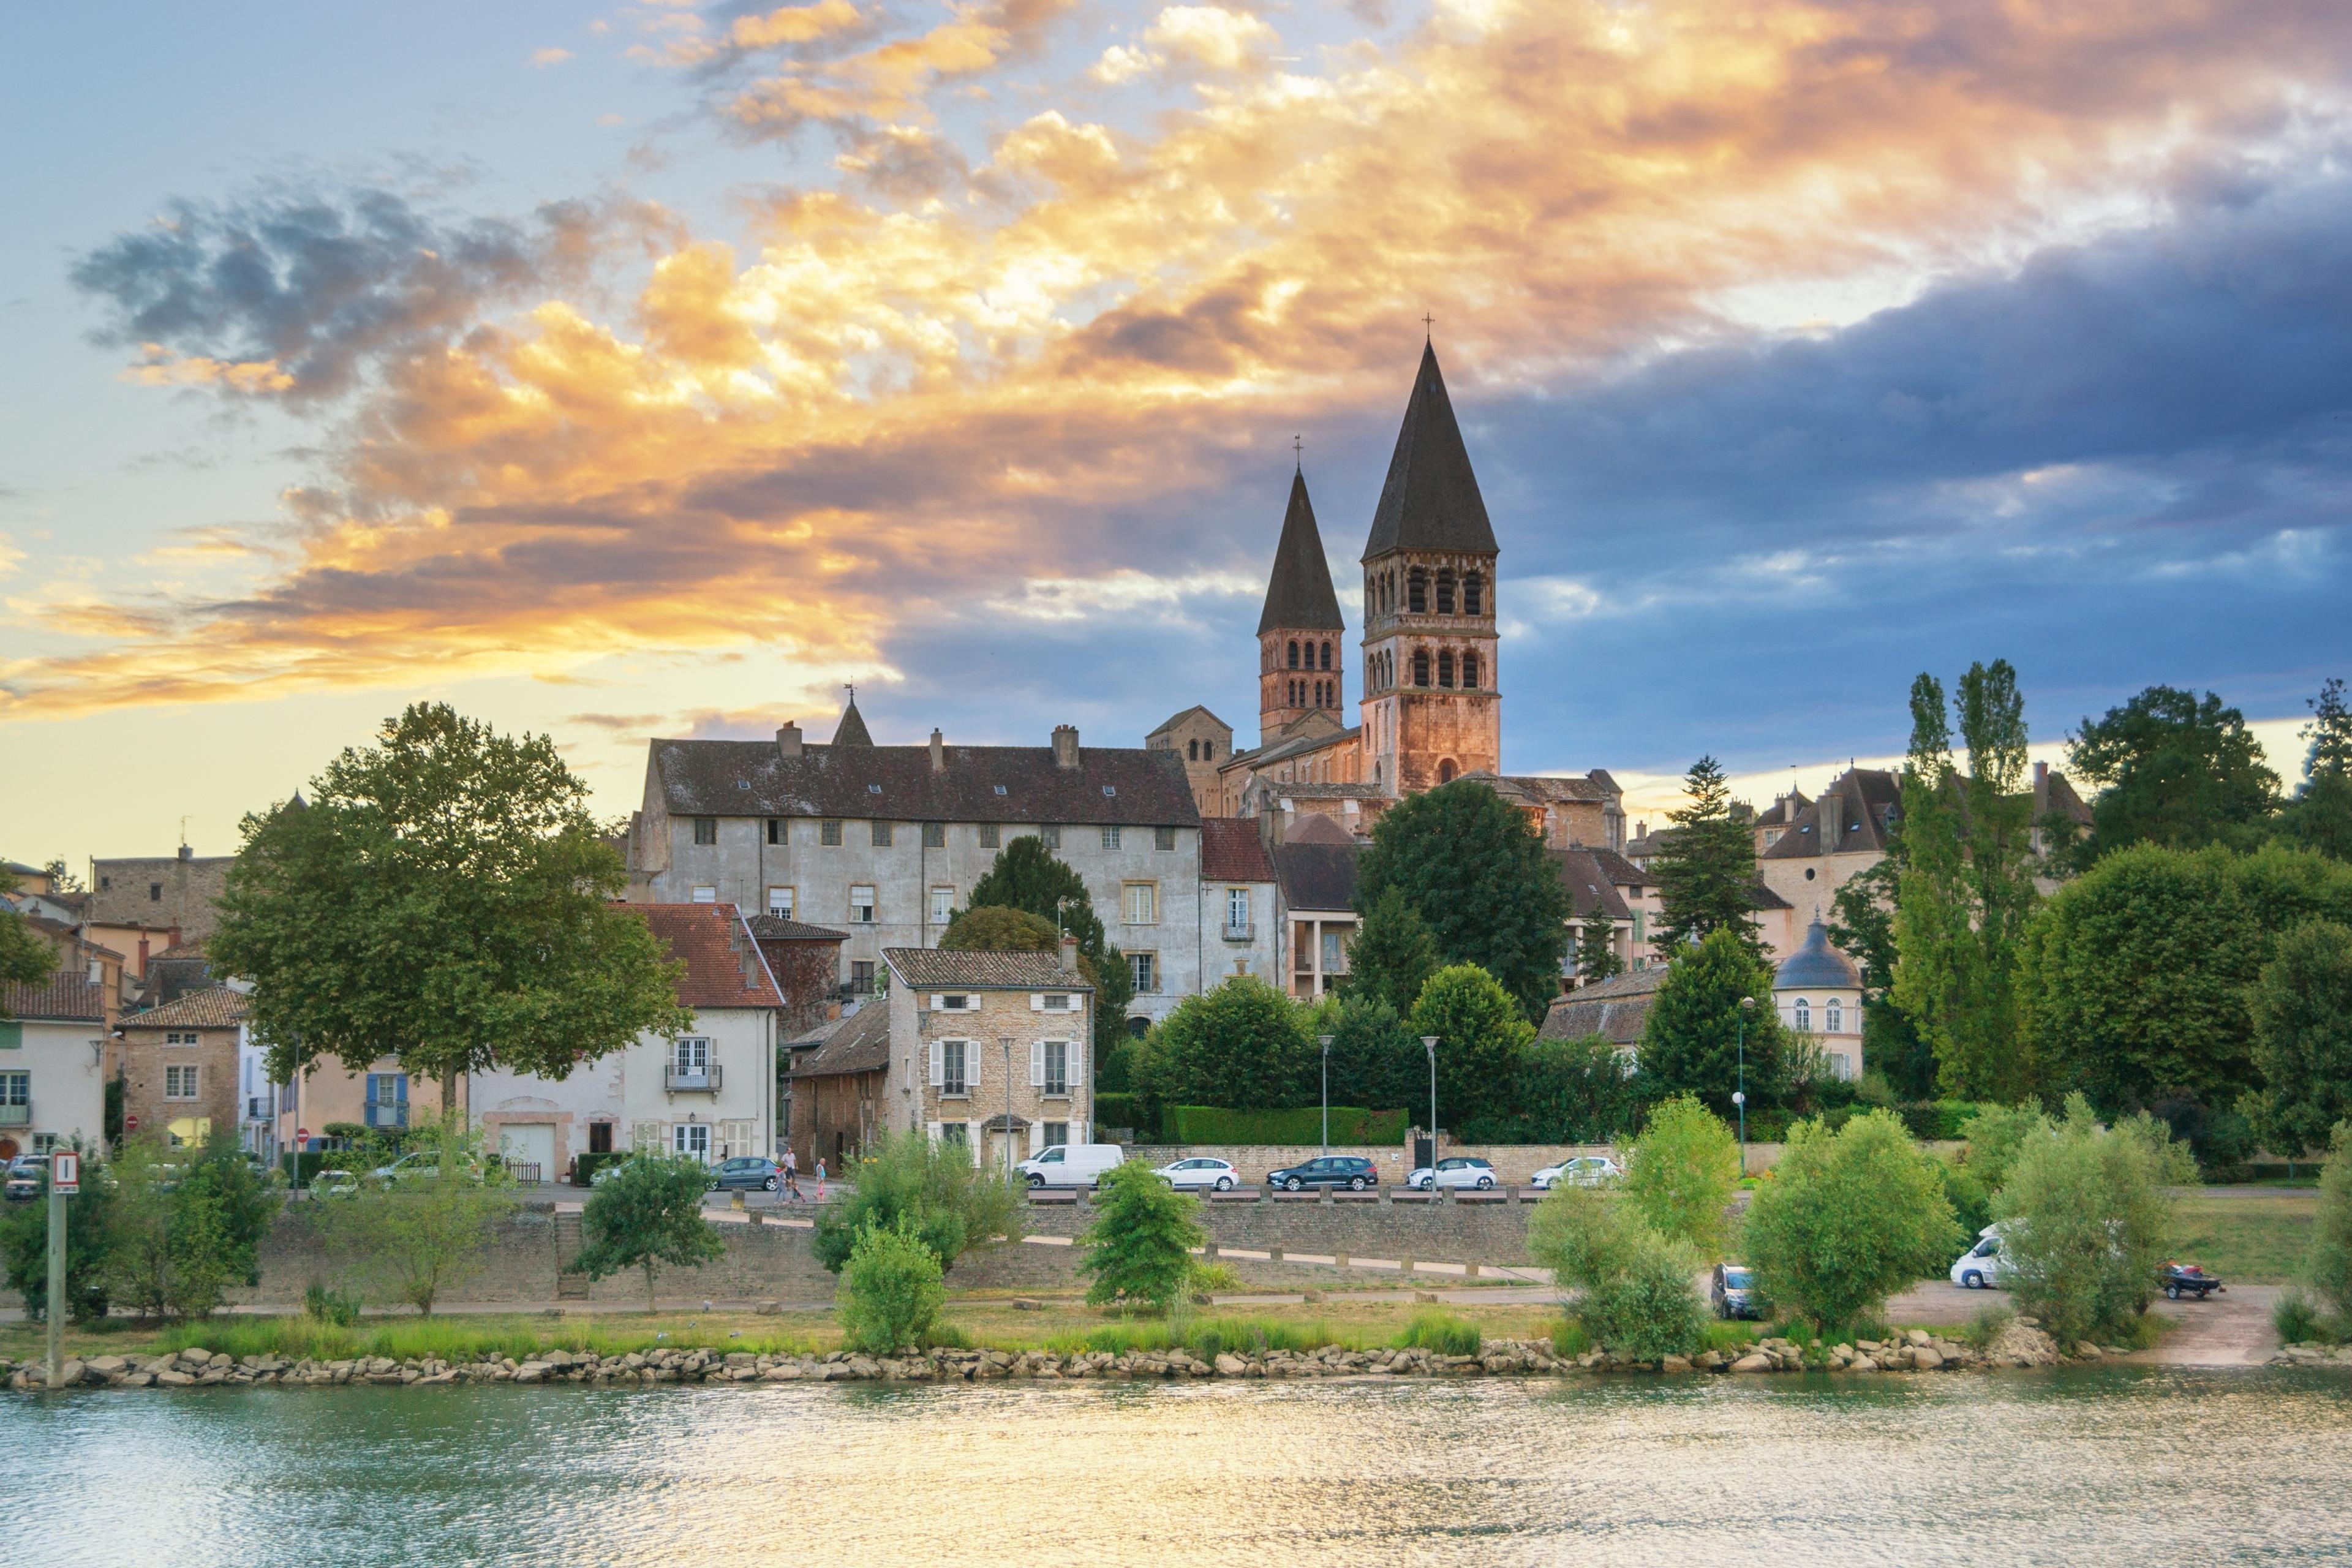 Tournus, Saone-et-Loire, France